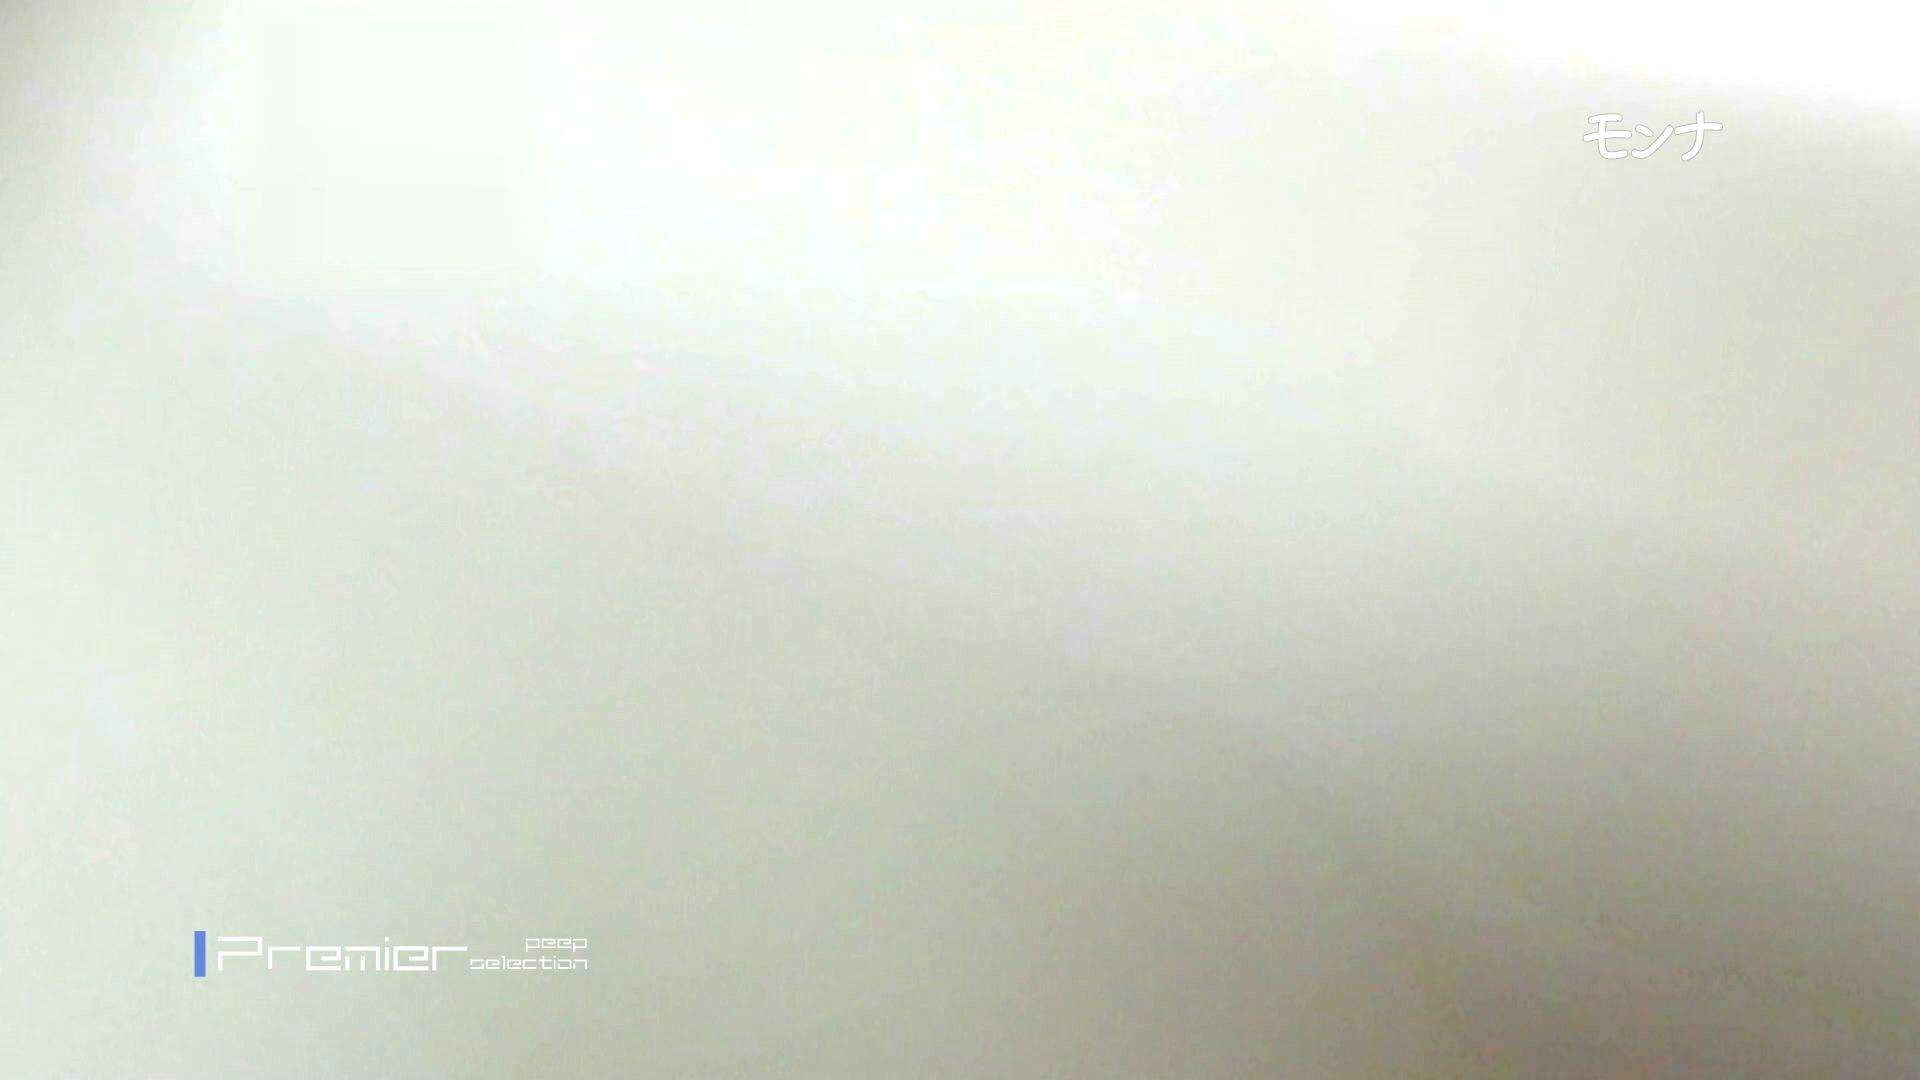 遂に!!戸田恵梨香似の予告モデル登場ダッシュで「大」 おまんこ無修正 盗撮われめAV動画紹介 105pic 101